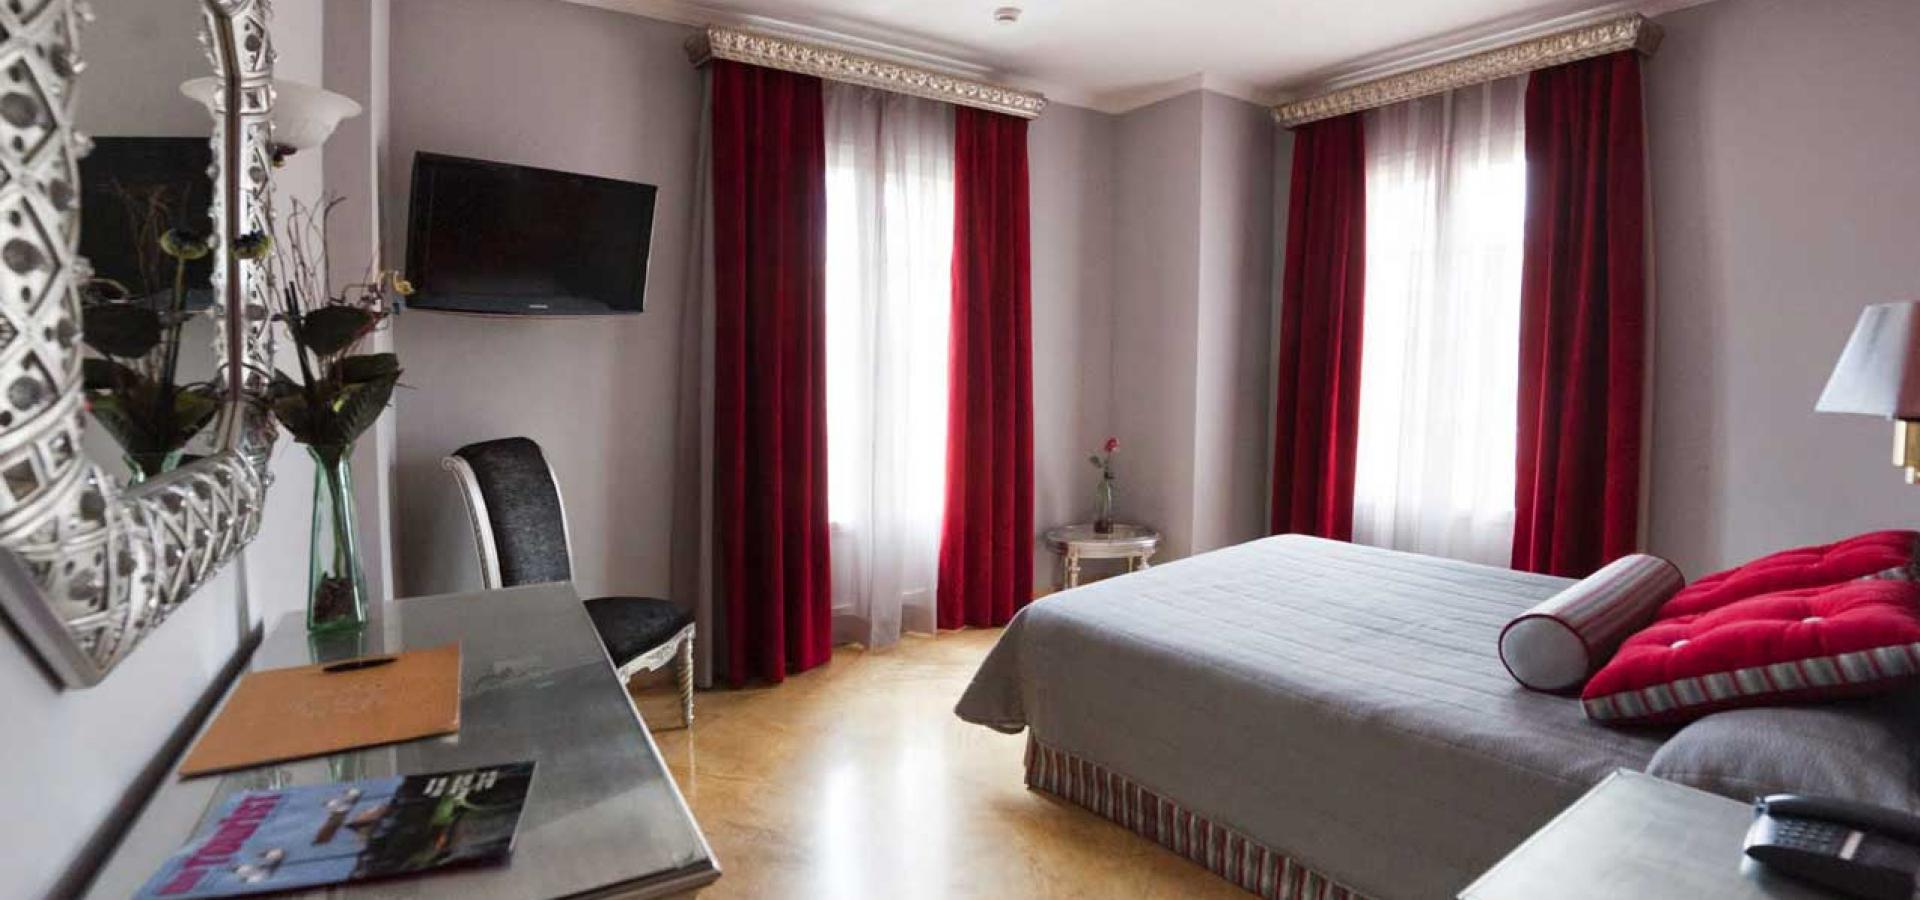 Sevilla Hotel nel centro